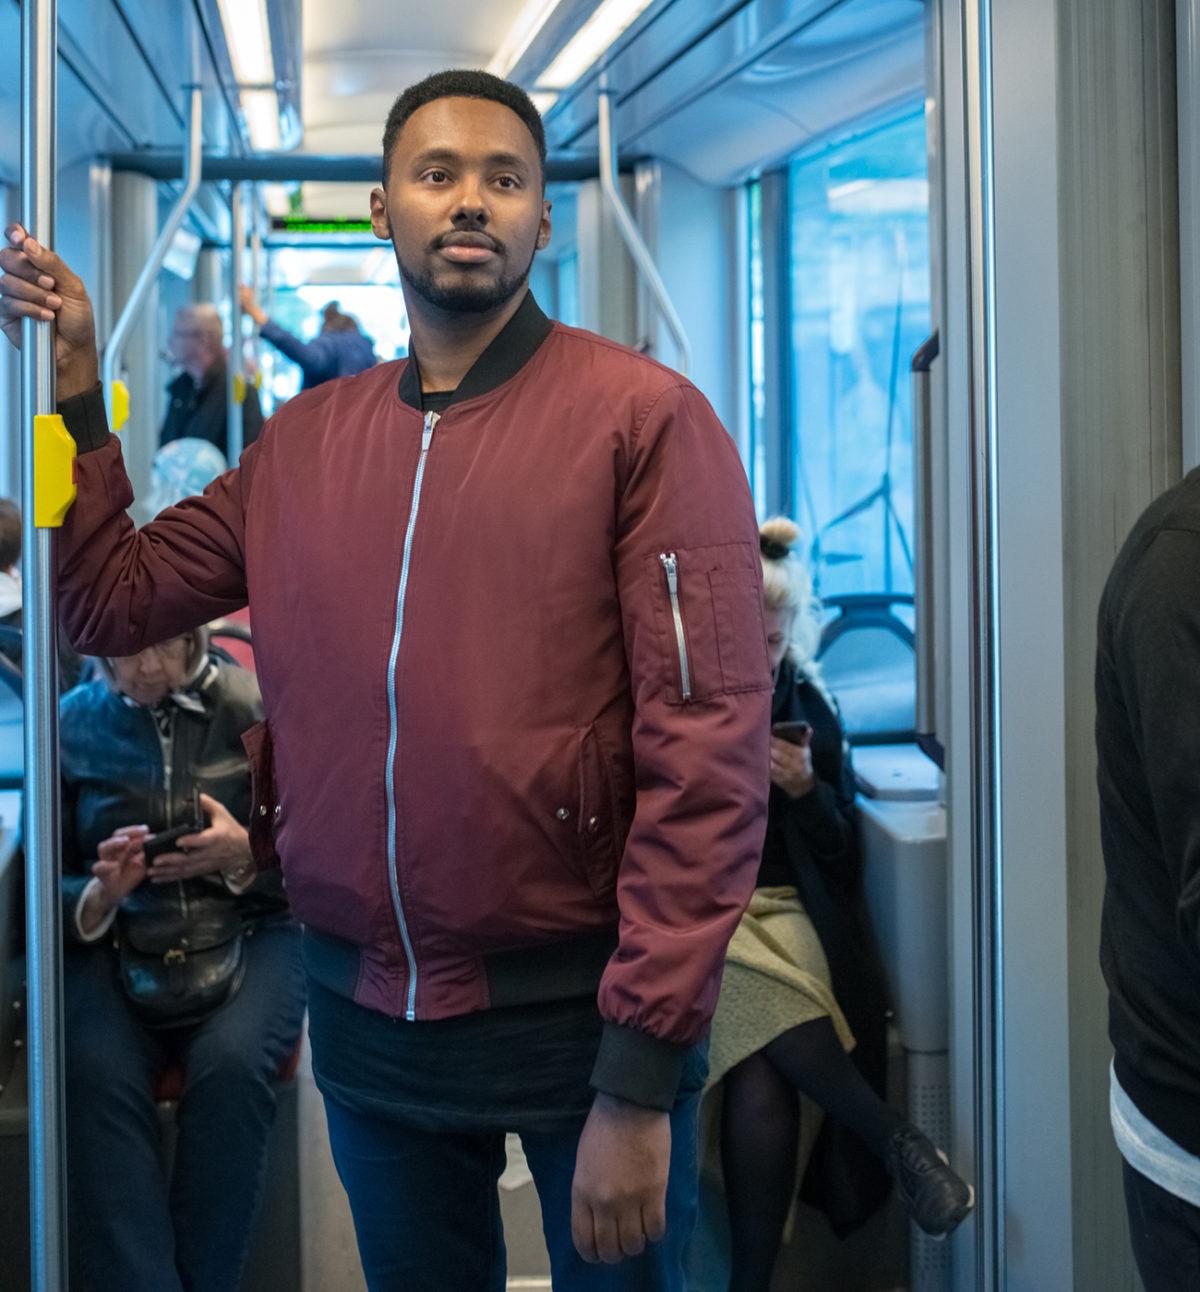 """Helsinkiläinen vasemmistopoliitikko vähävaraisille: """"Matkustakaa pummilla"""""""